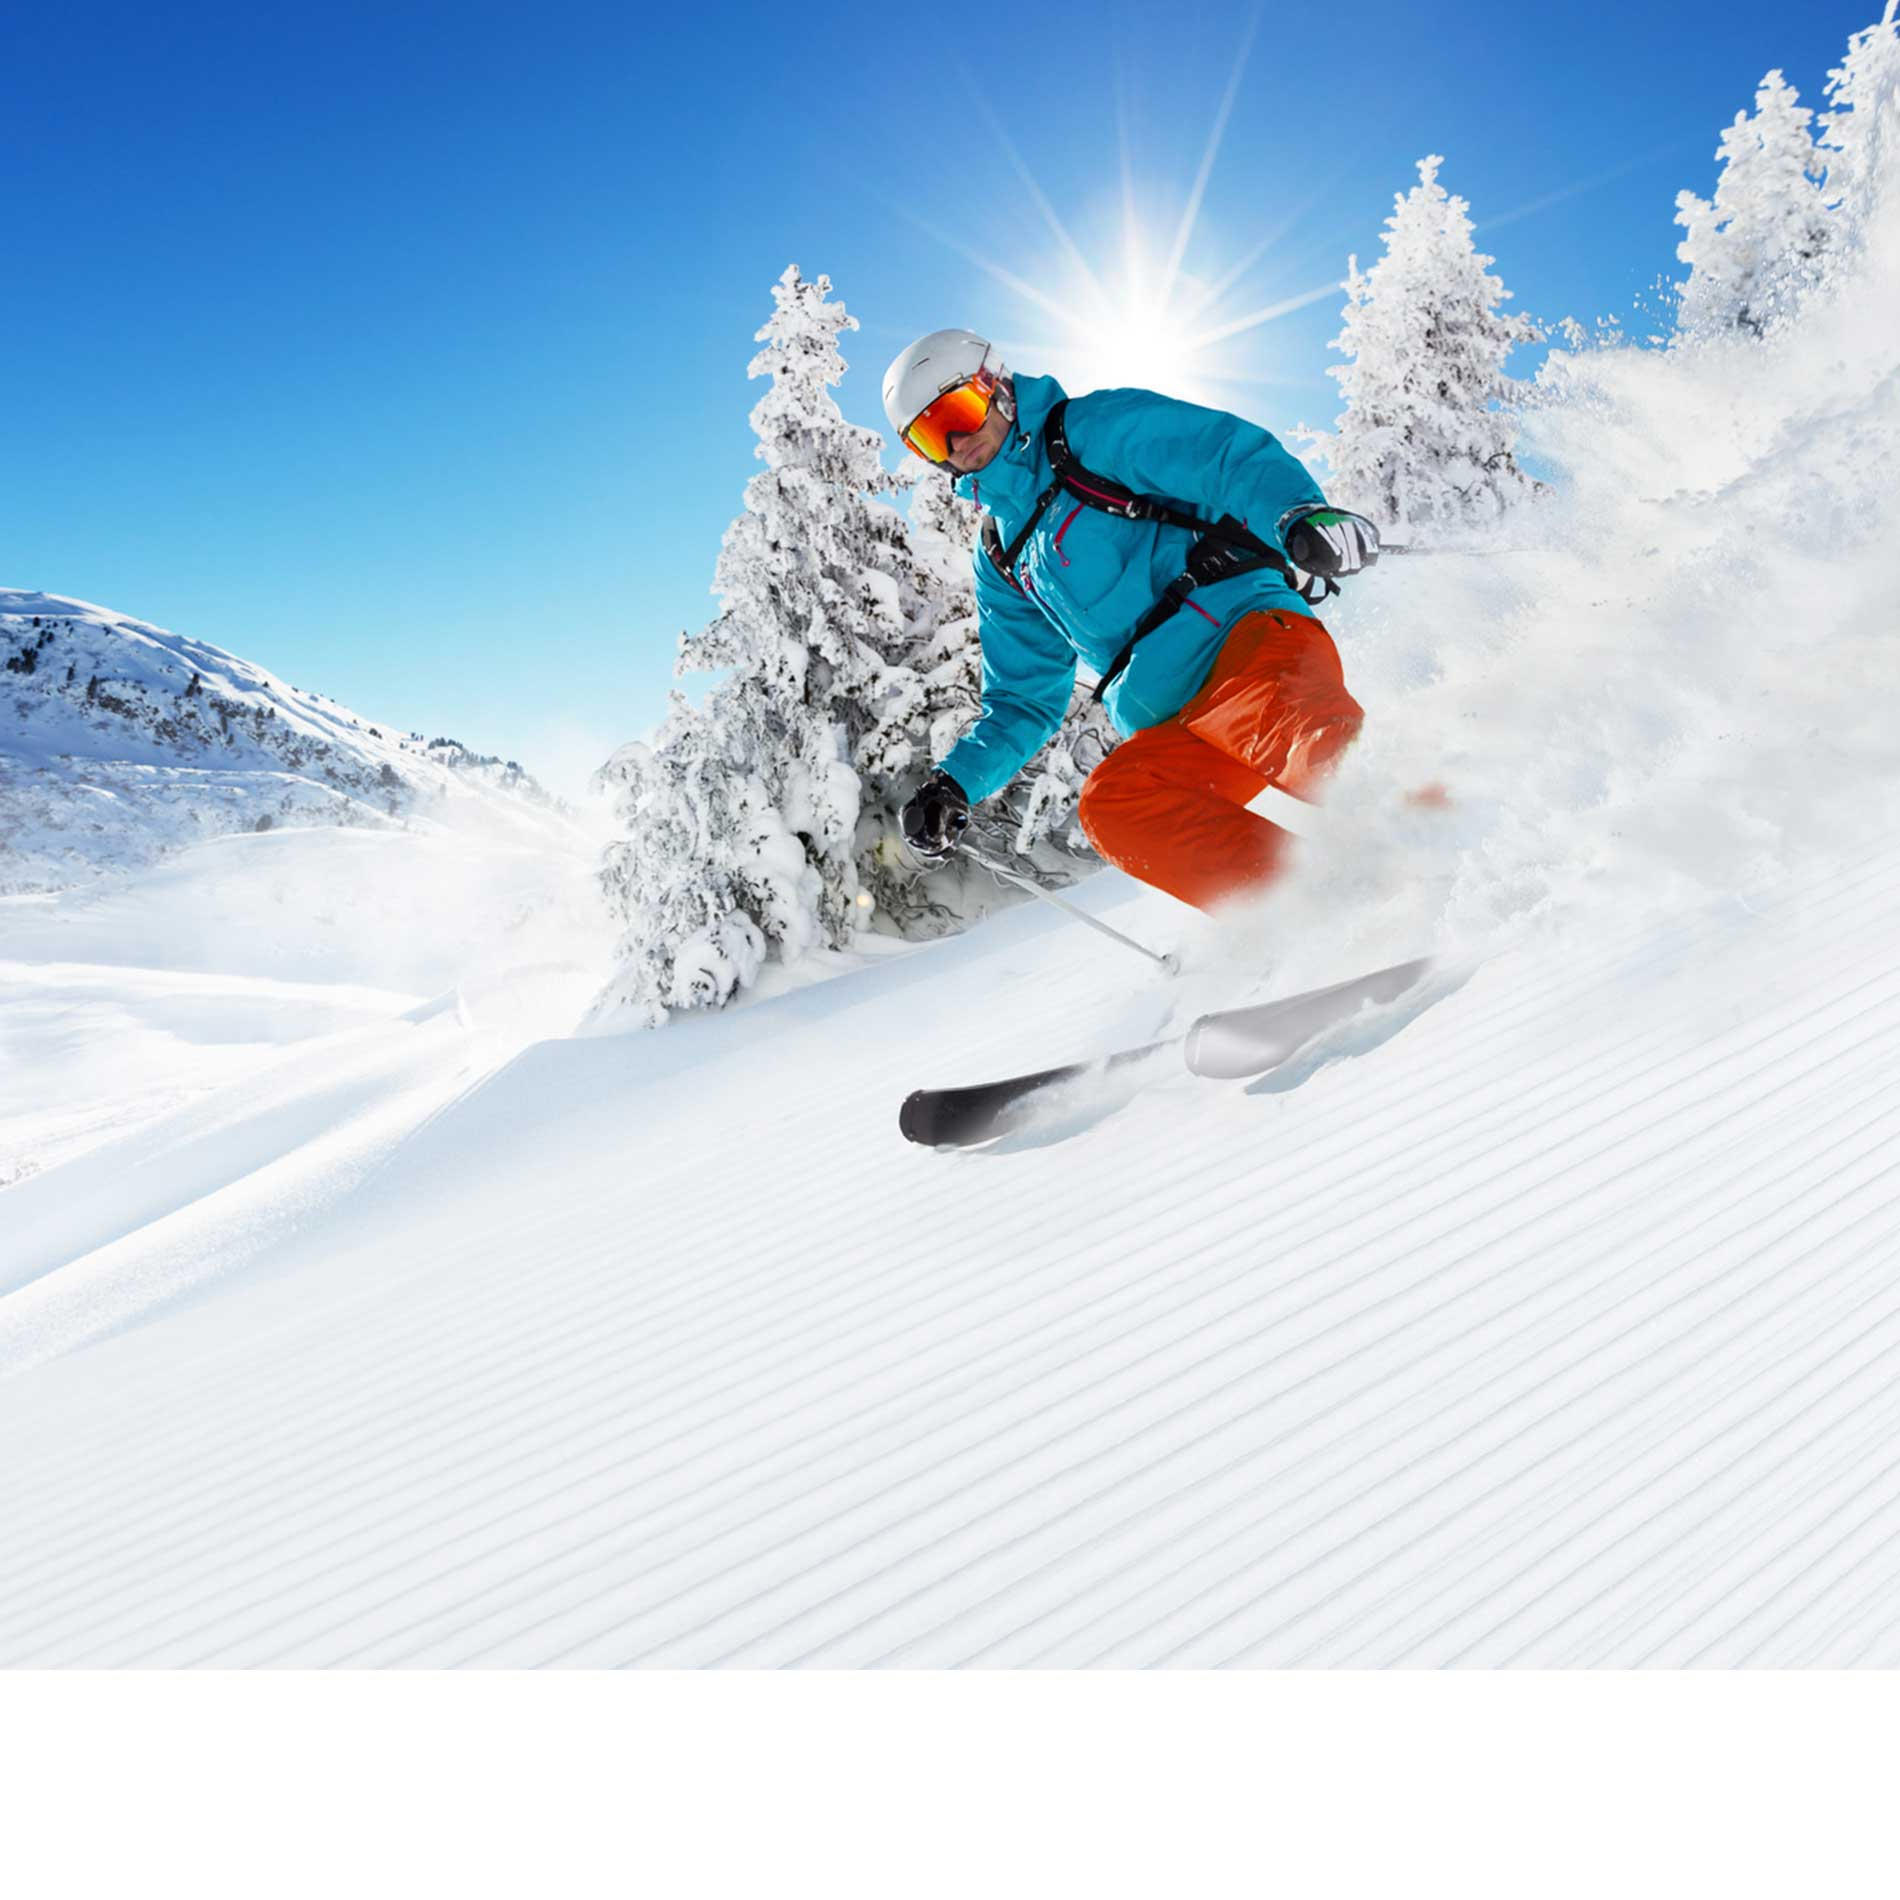 deportes de invierno formacion de empresa ybea formacion